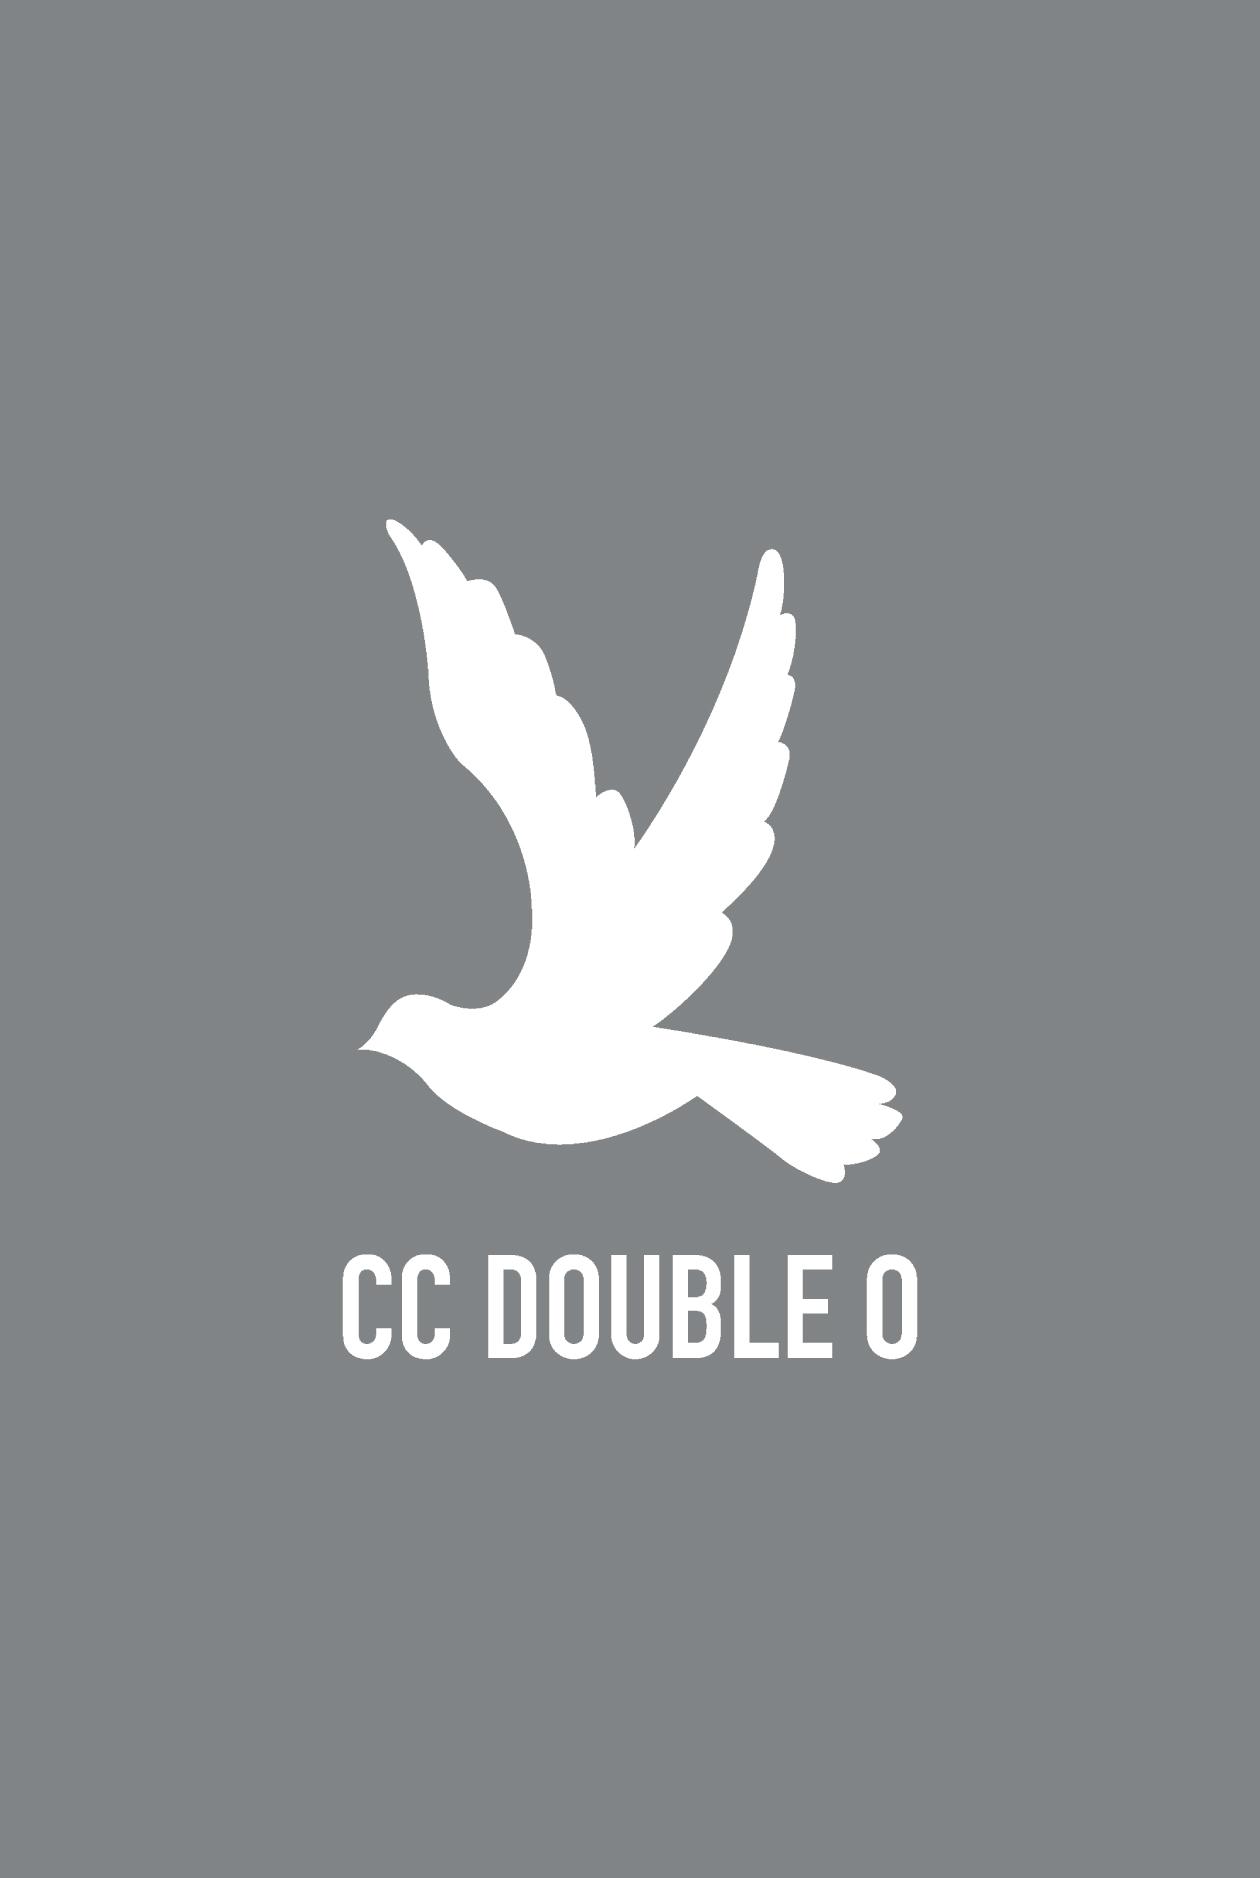 CC DOUBLE O Baseball Jacket